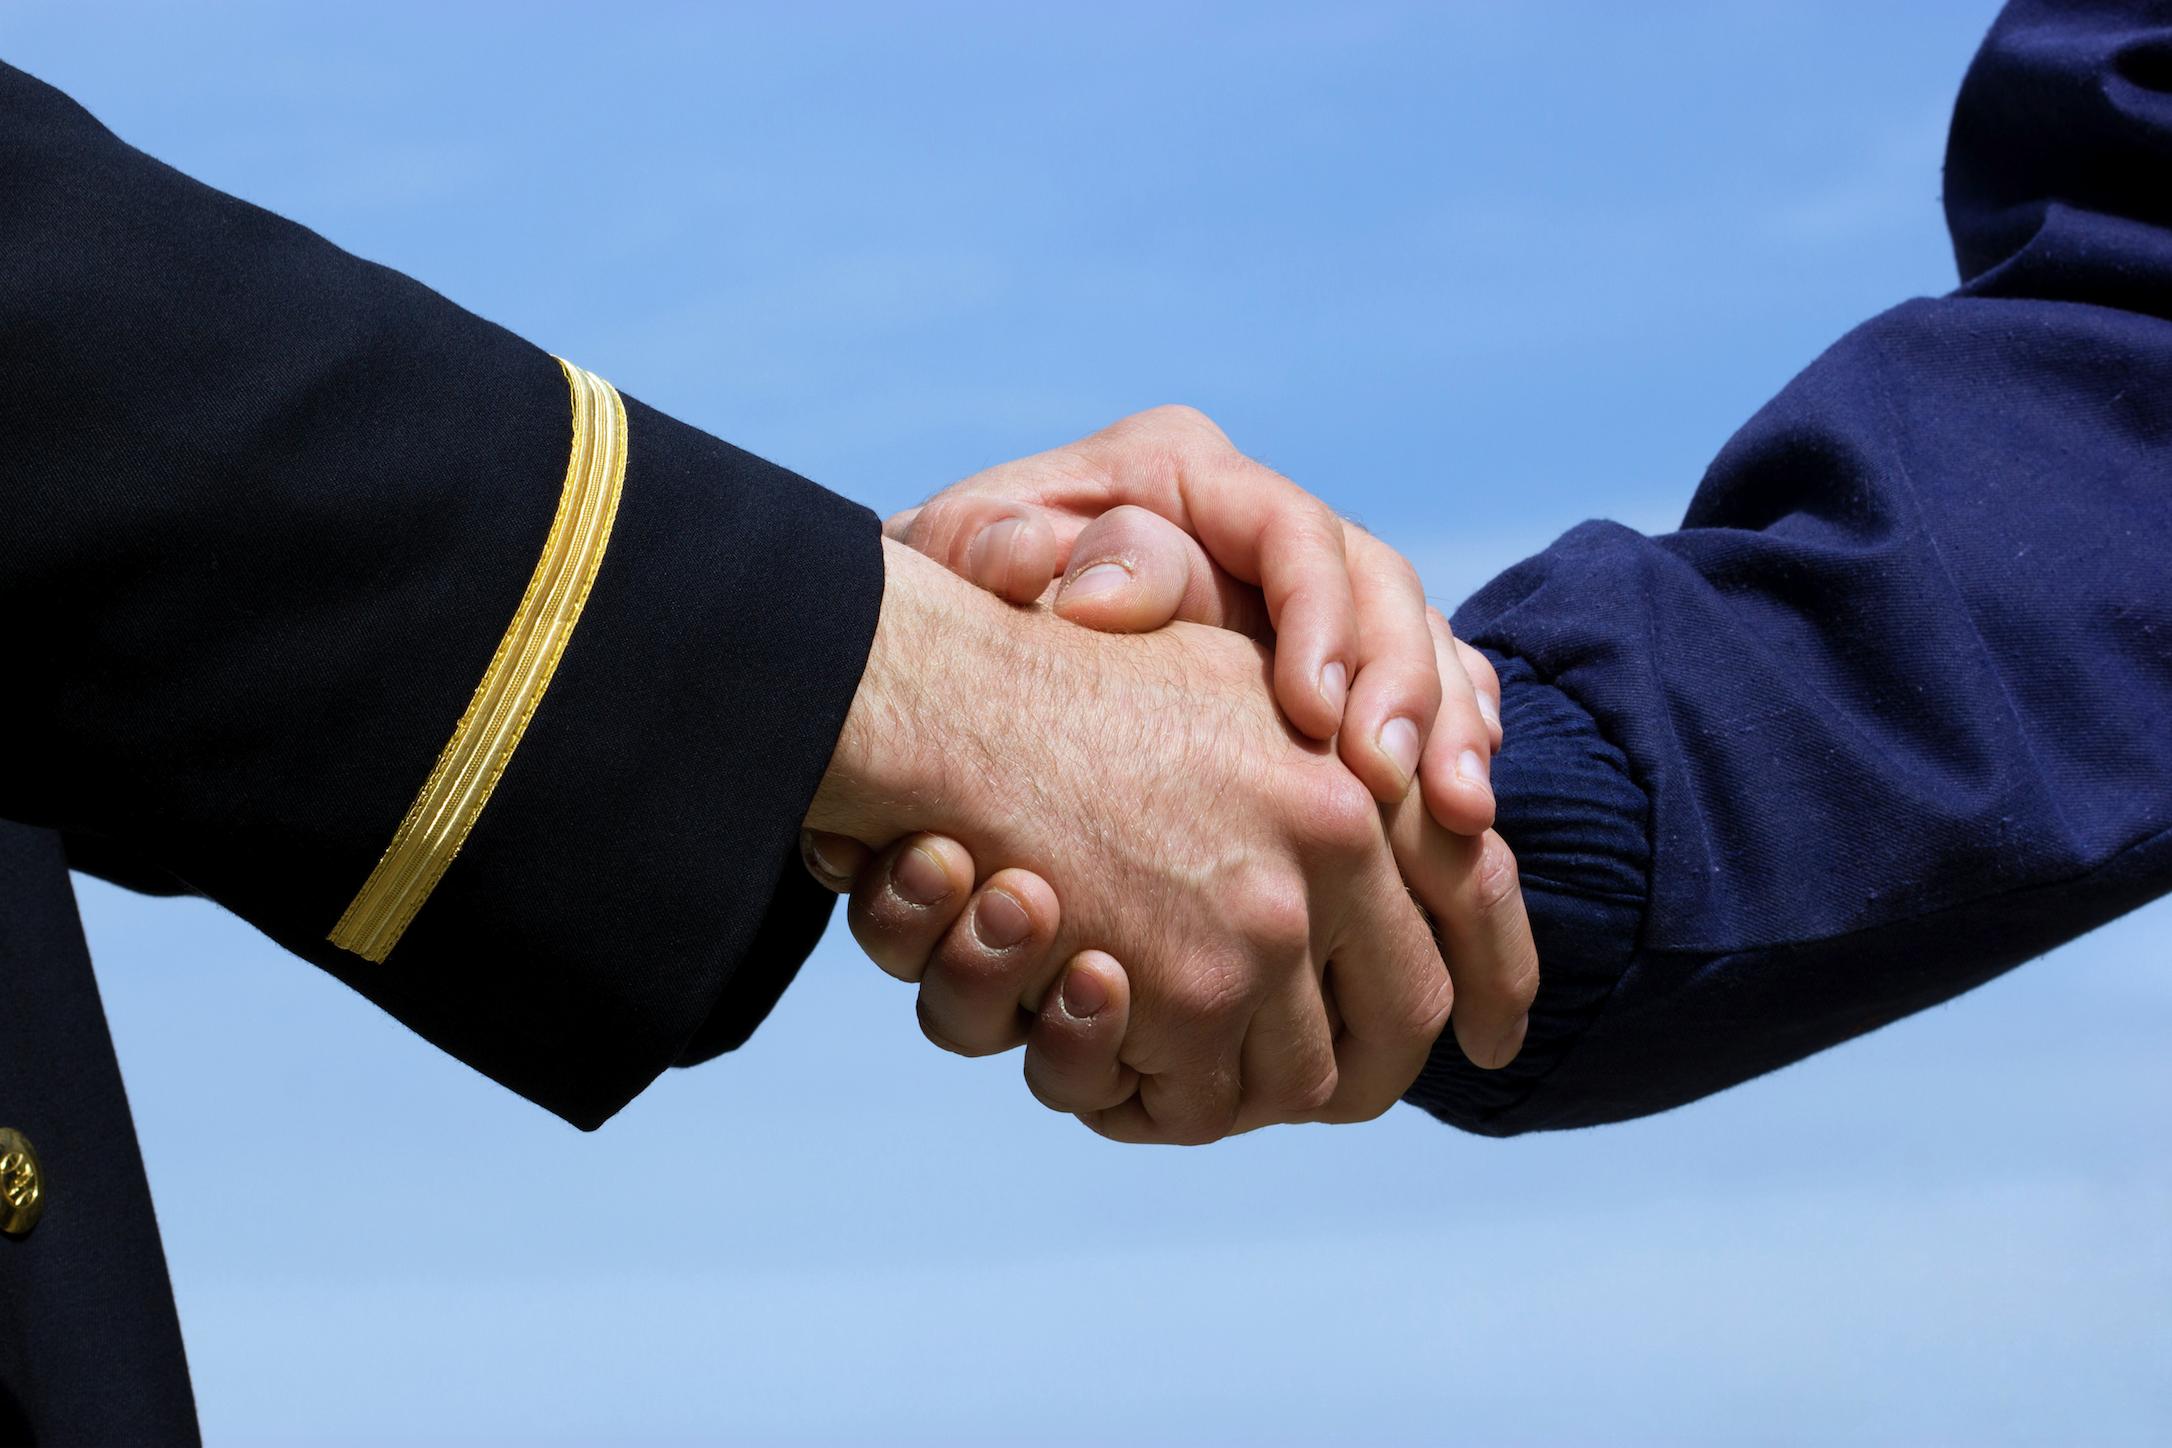 Godt Nyt For ALLE Nye Piloter – Stærkt Samarbejde!